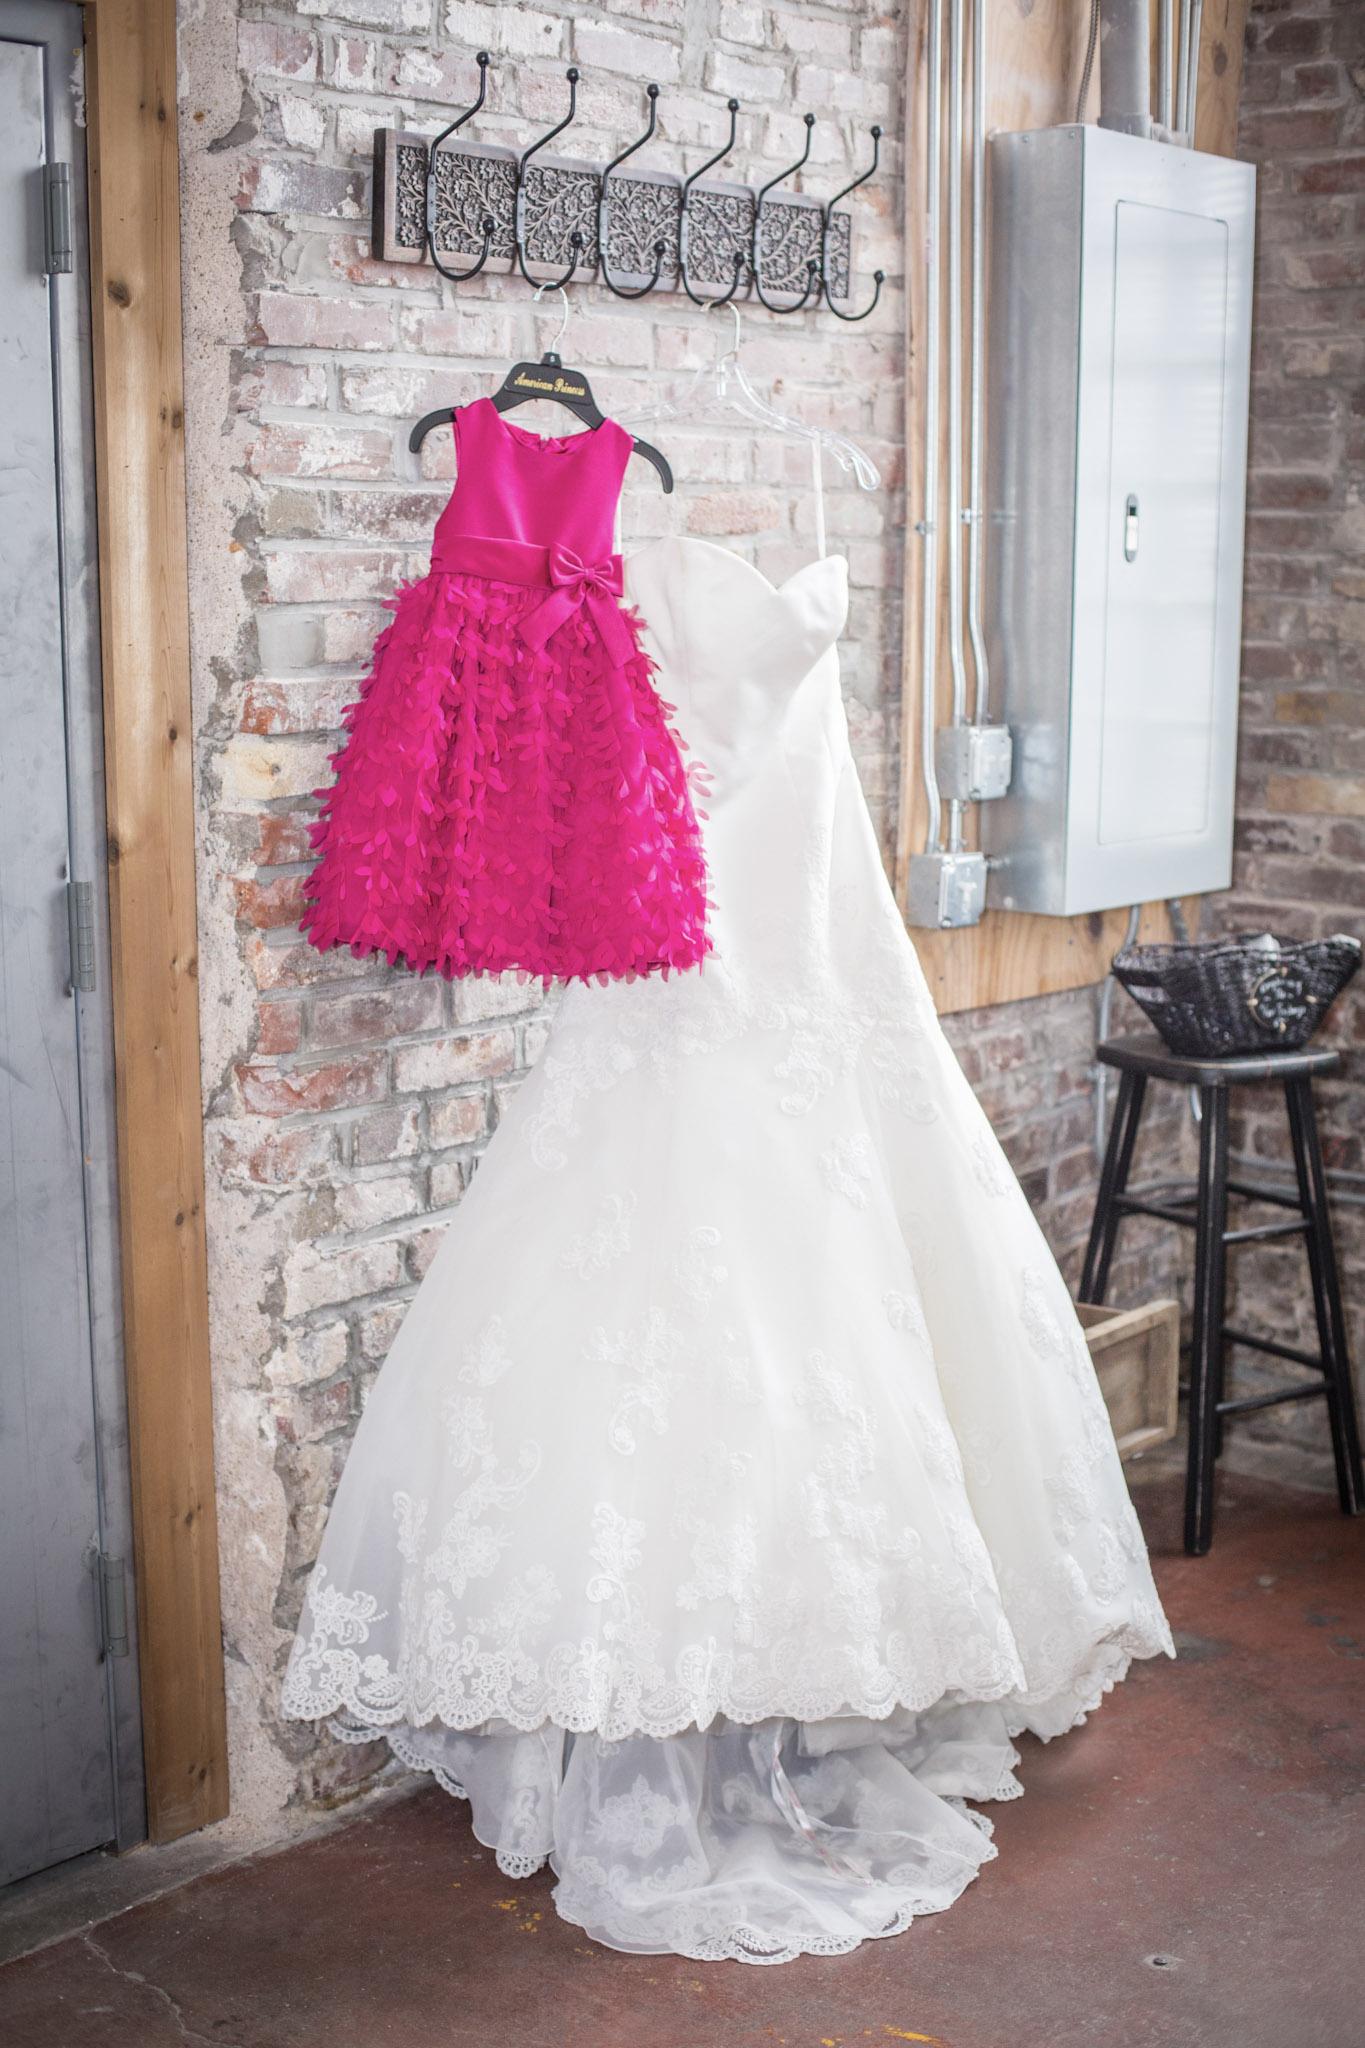 Kansas+City-Small+Wedding-Elope_Intimate_Ceremony_Melanie+David-2.jpg